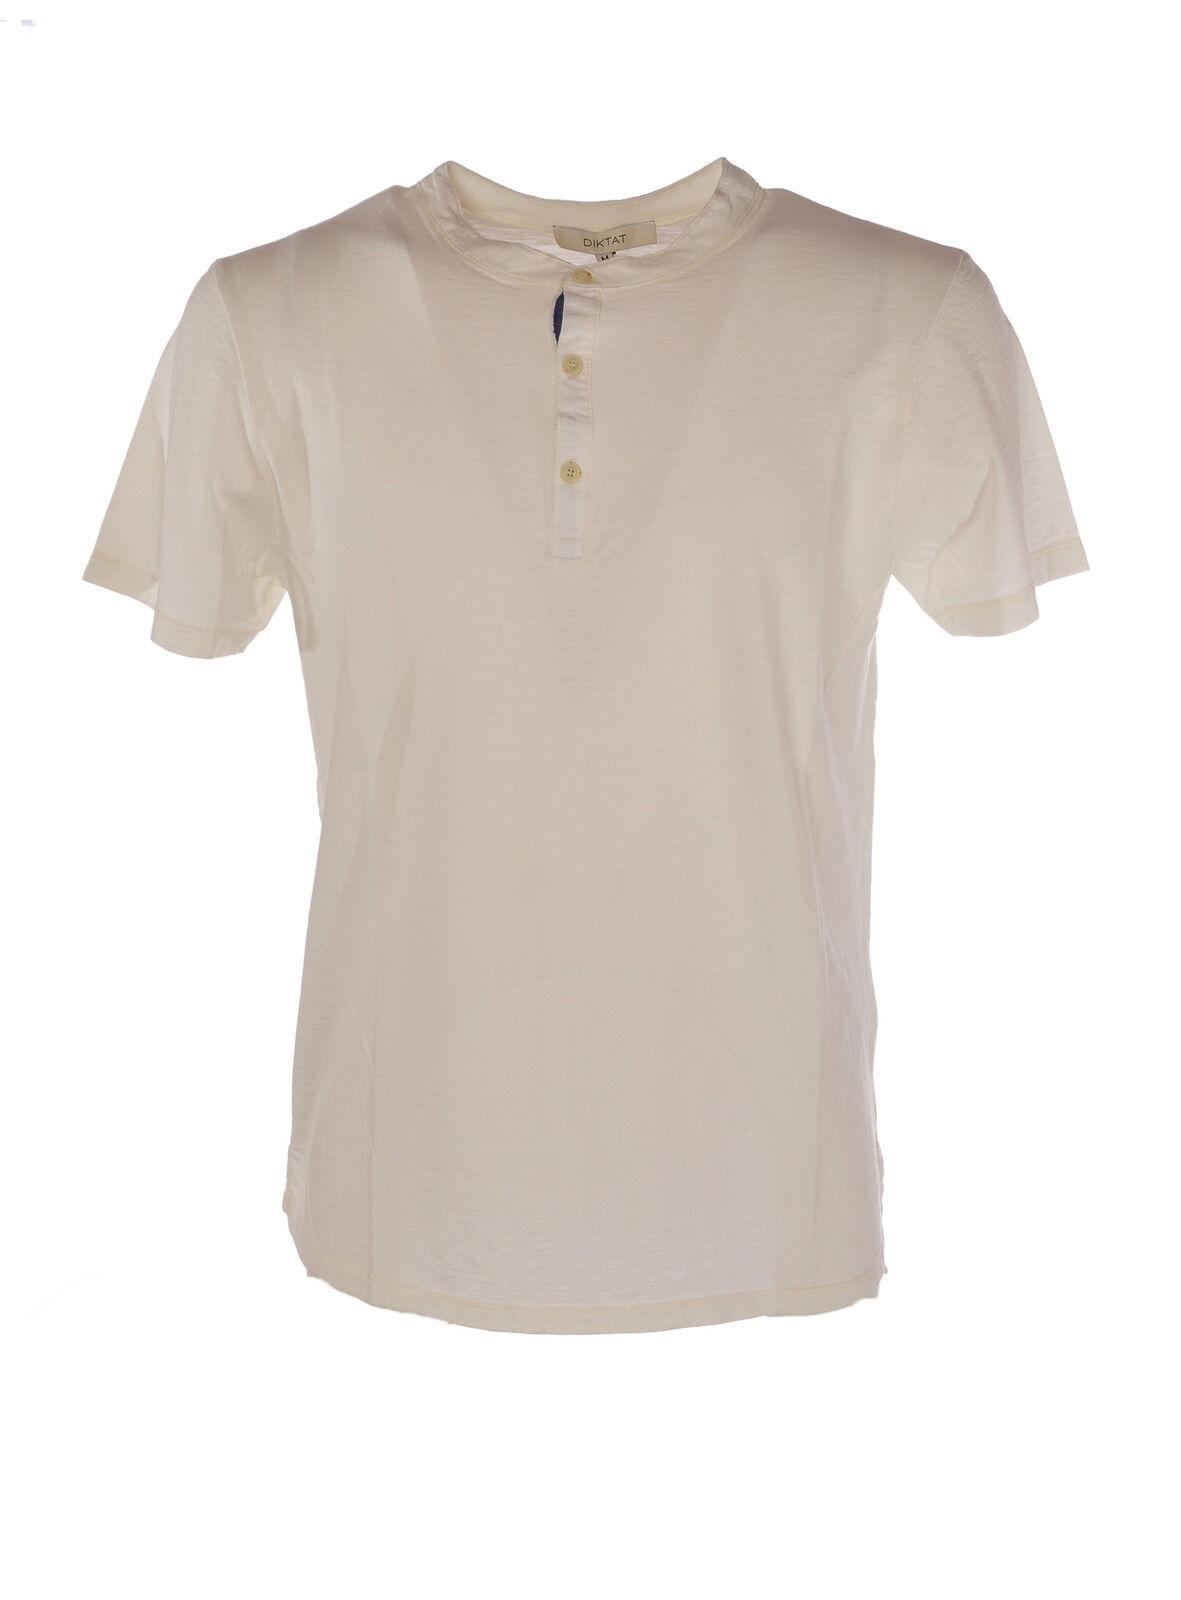 Diktat - Topwear-T-shirts -  Herren - Bianco - 3448002F184114